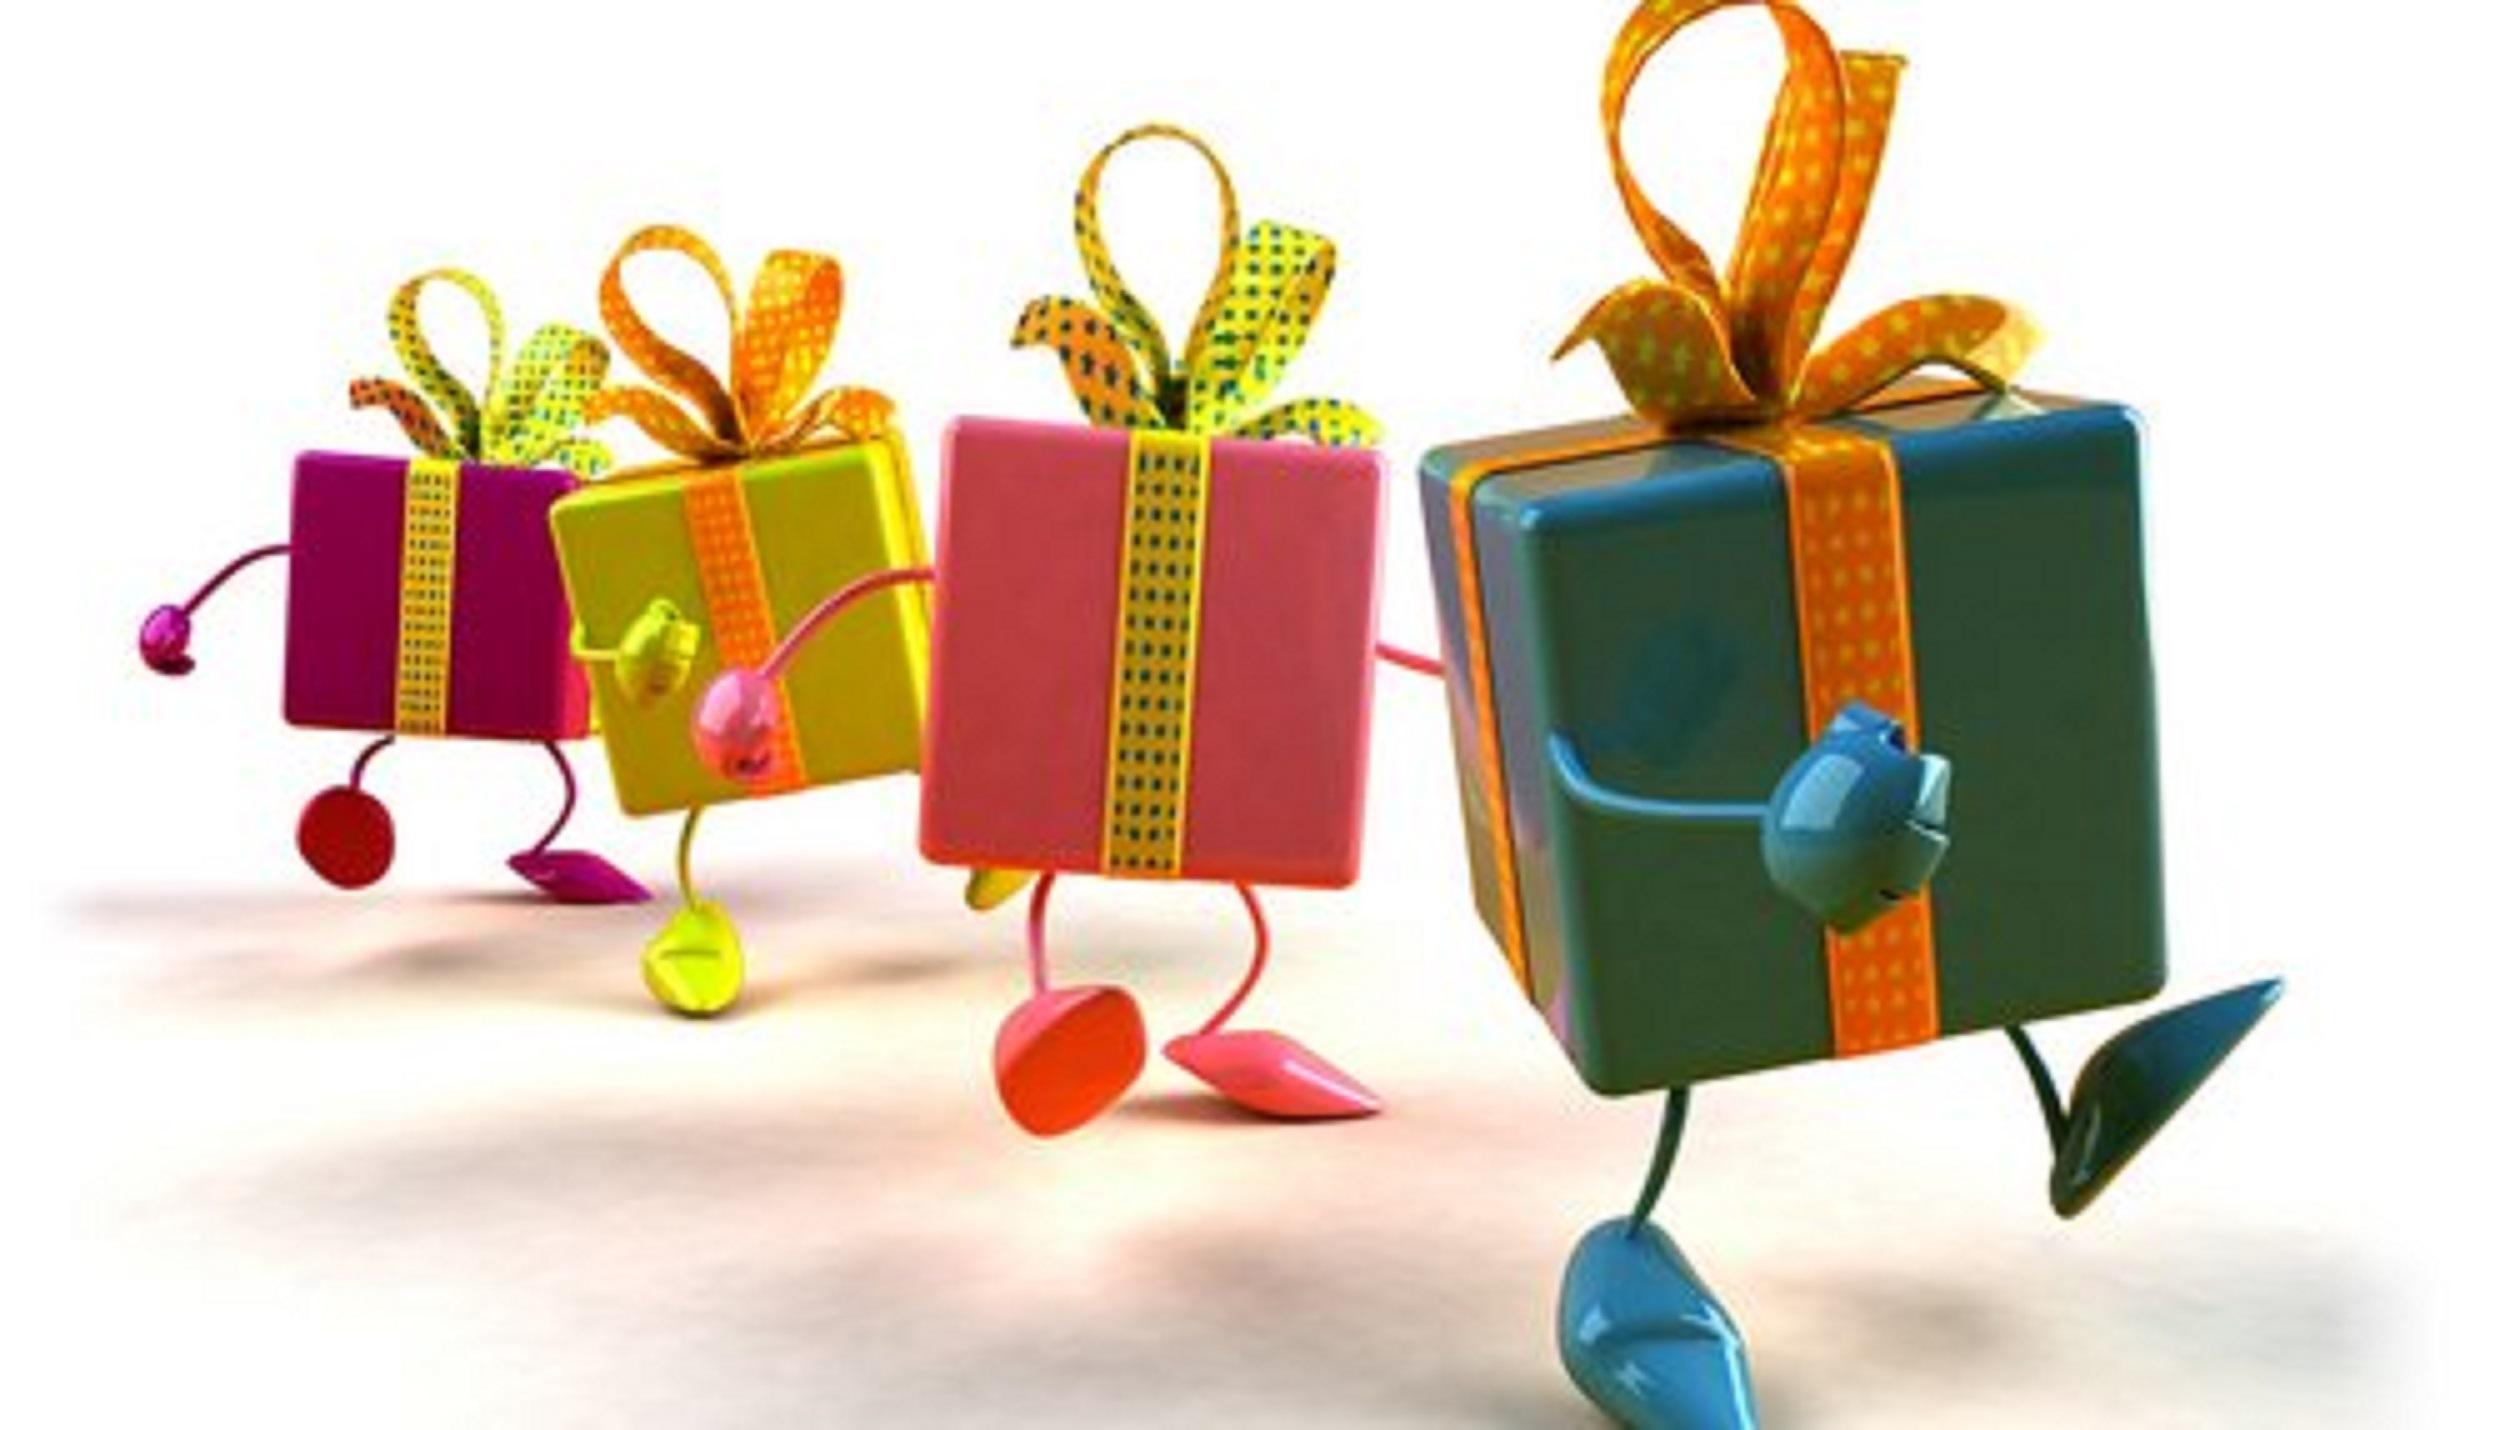 cuatro-juguetes-navidad-bambinos